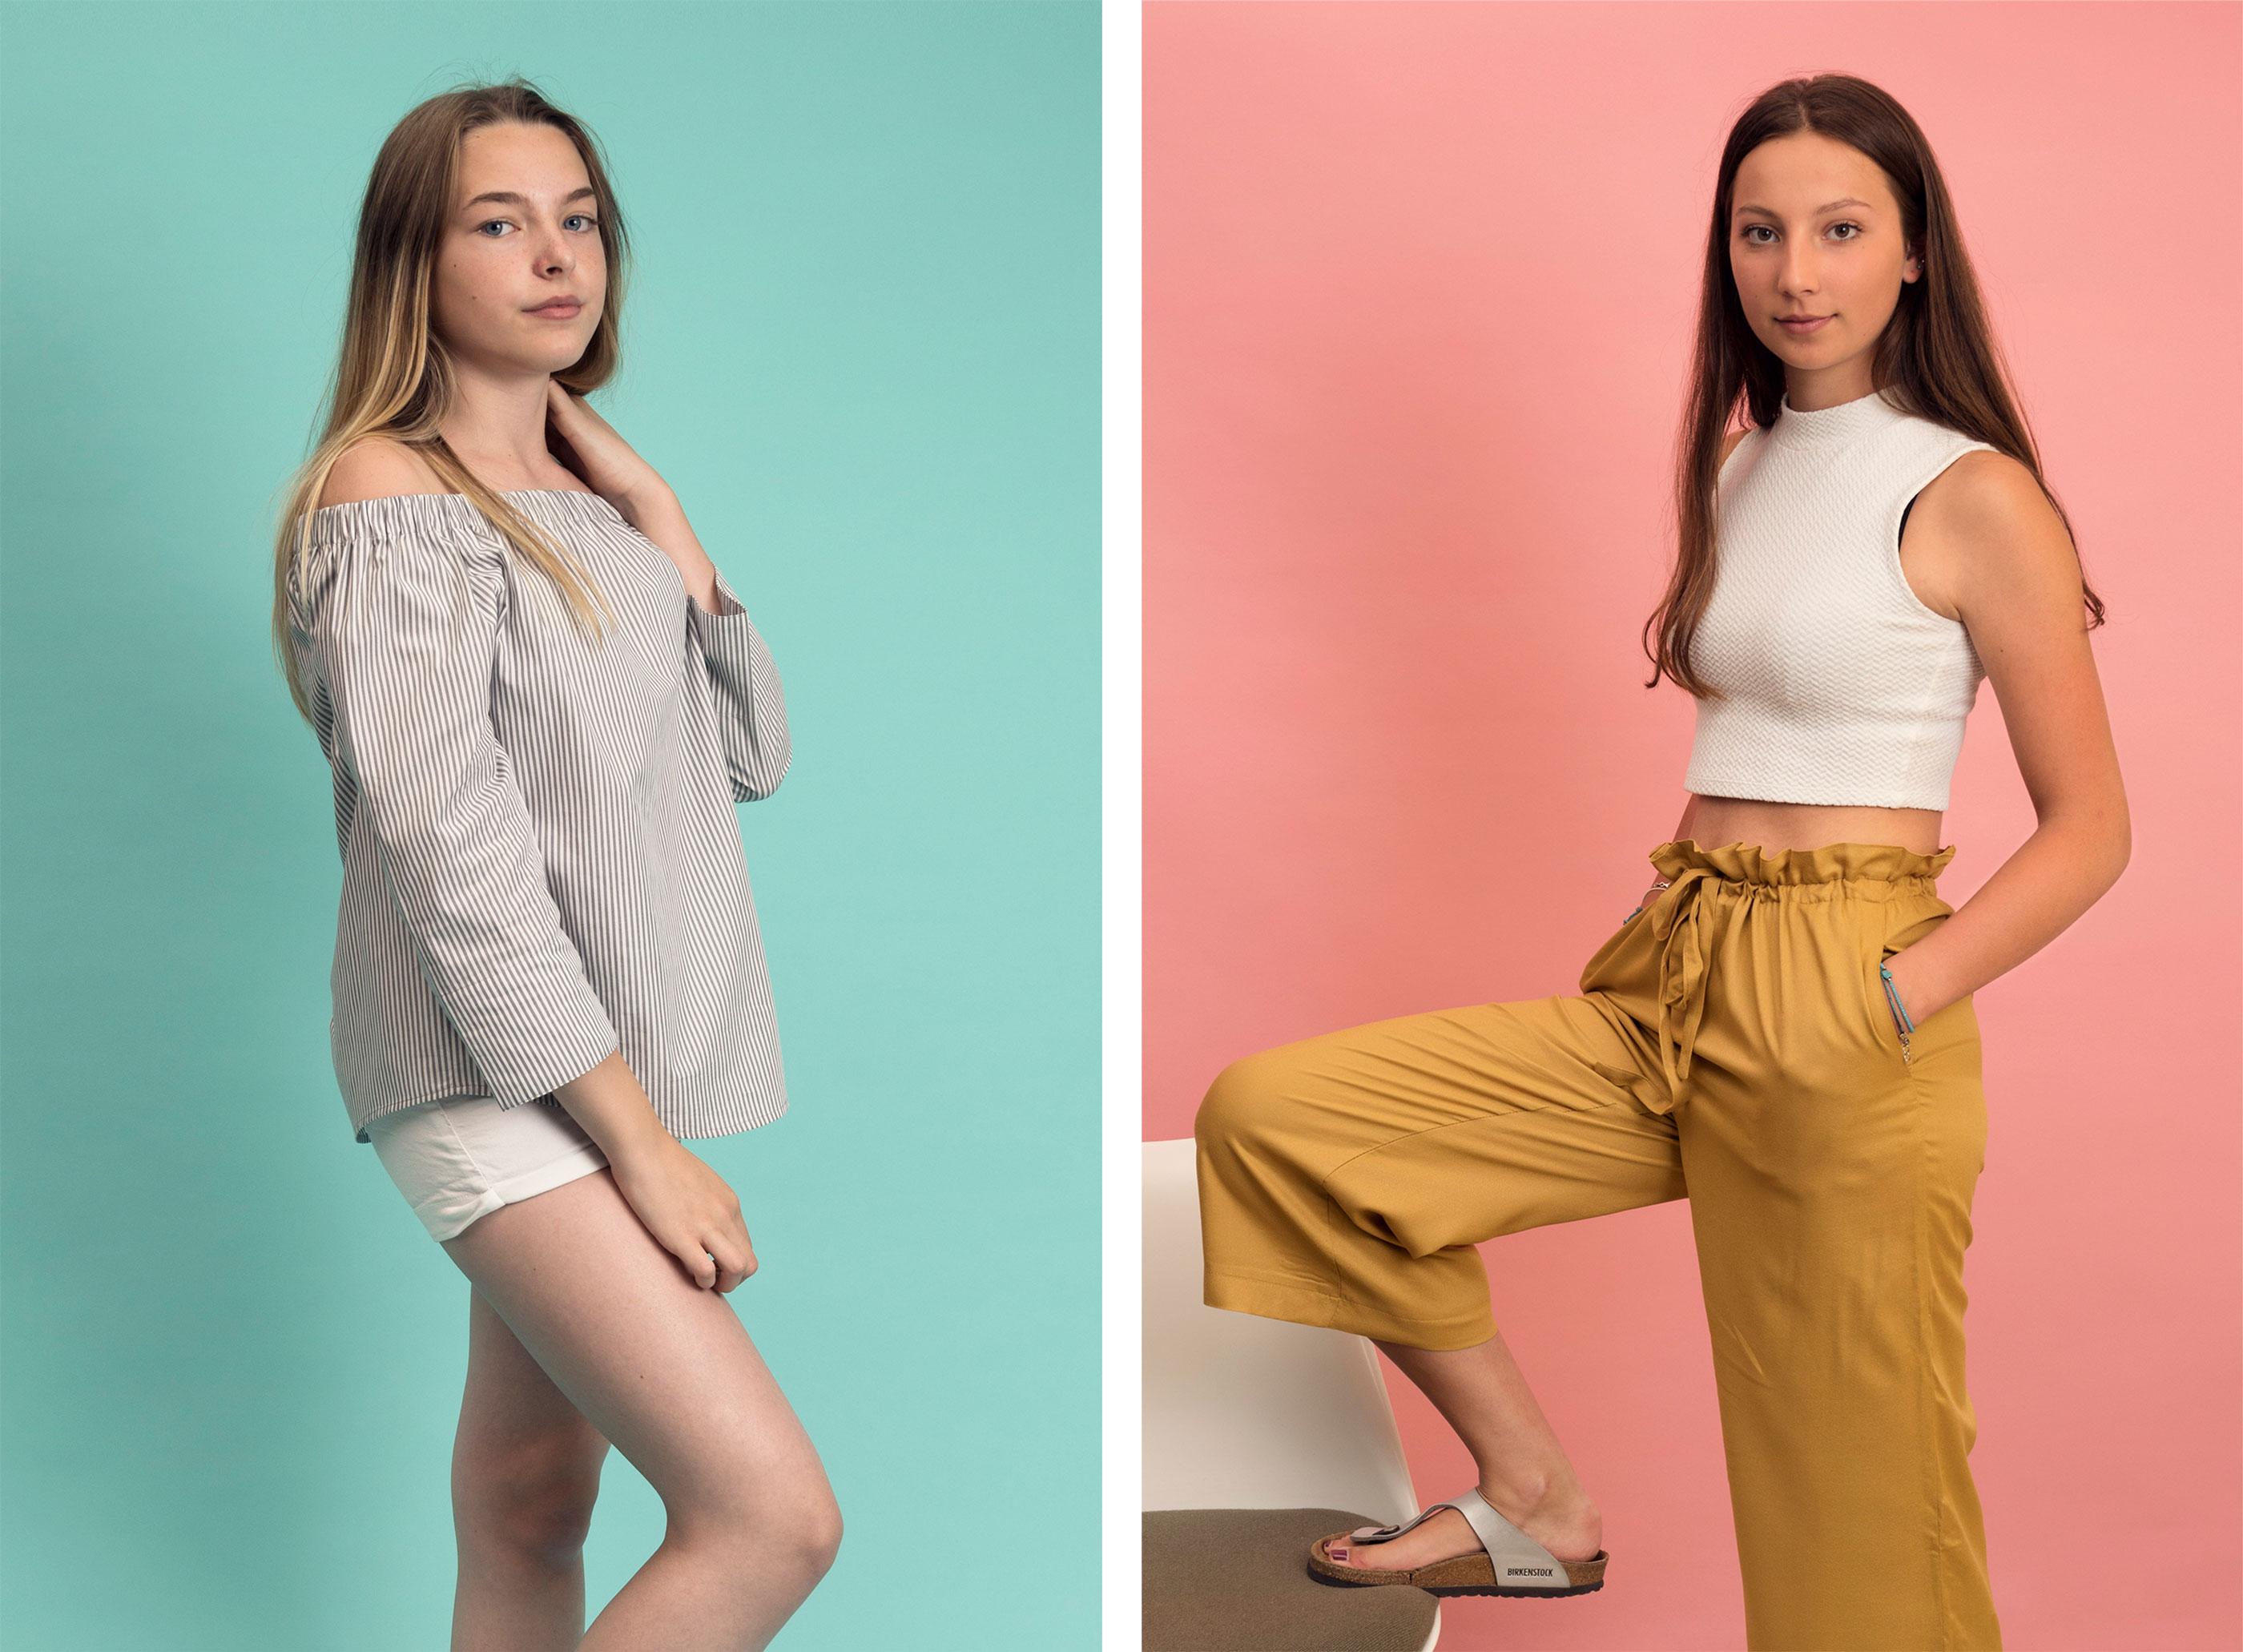 Textil Tricot Vogt – Katalog, fashion 03 ©Atelier Pol × Joëlle Lehmann